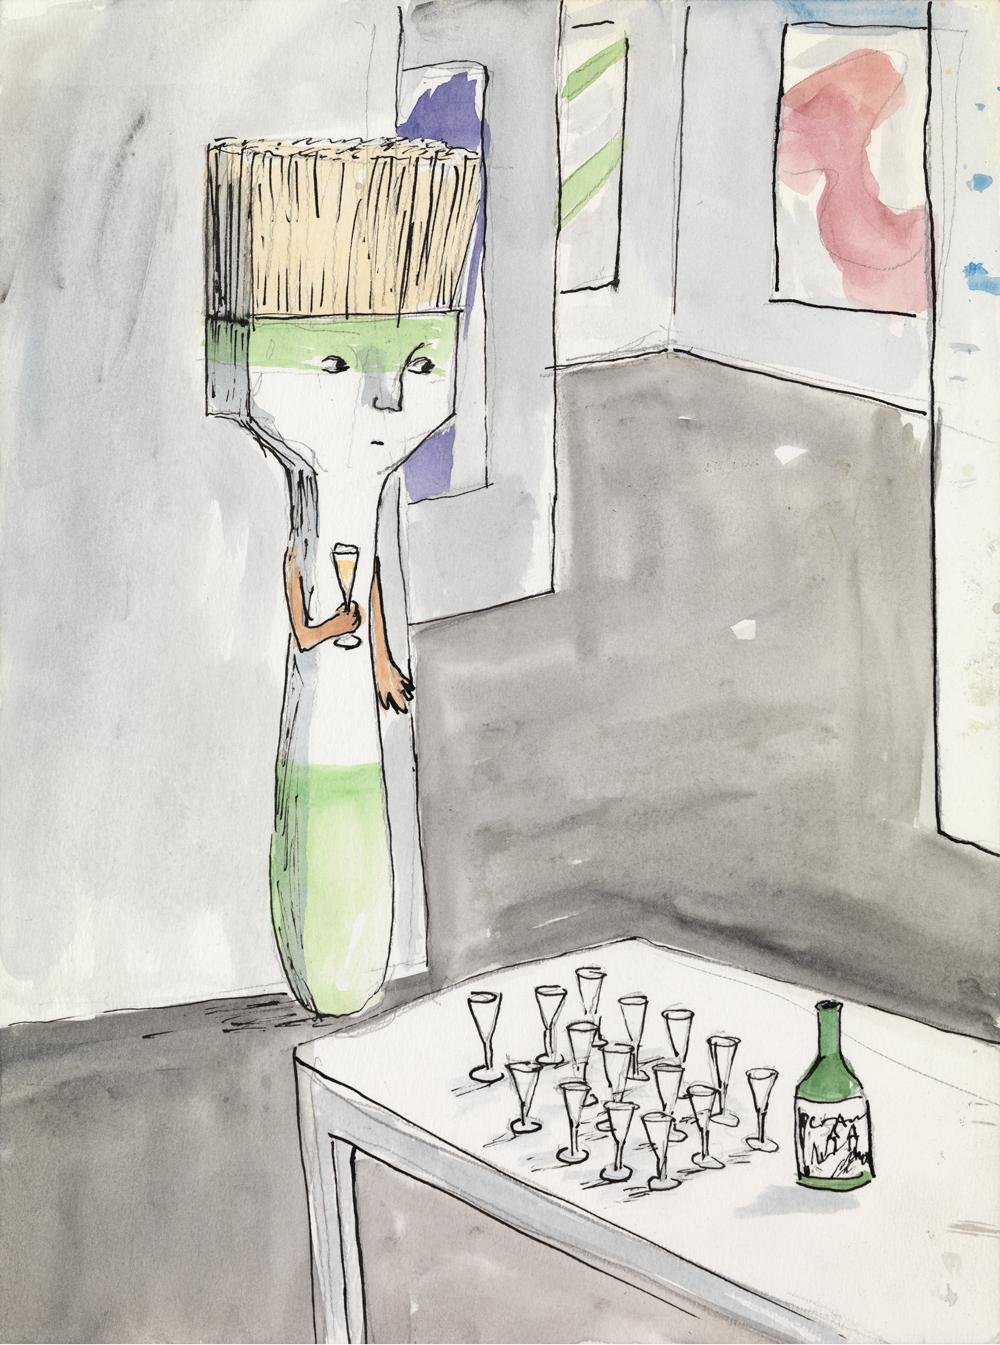 Amelie von Wulffen, Ohne Titel, 2013